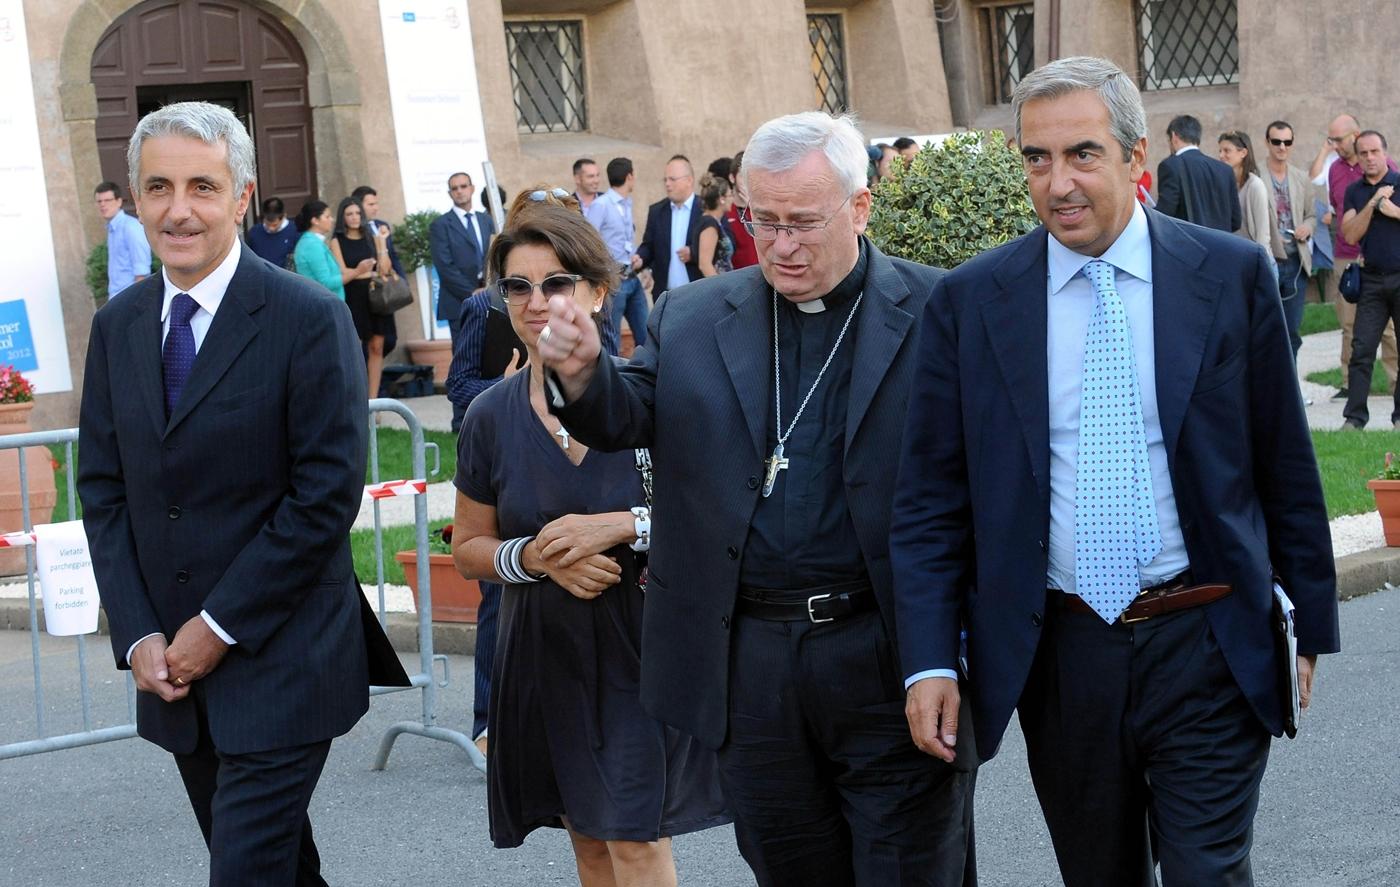 Gaetano Quagliariello, Eugenia Roccella, Gualtiero Bassetti e Maurizio Gasparri